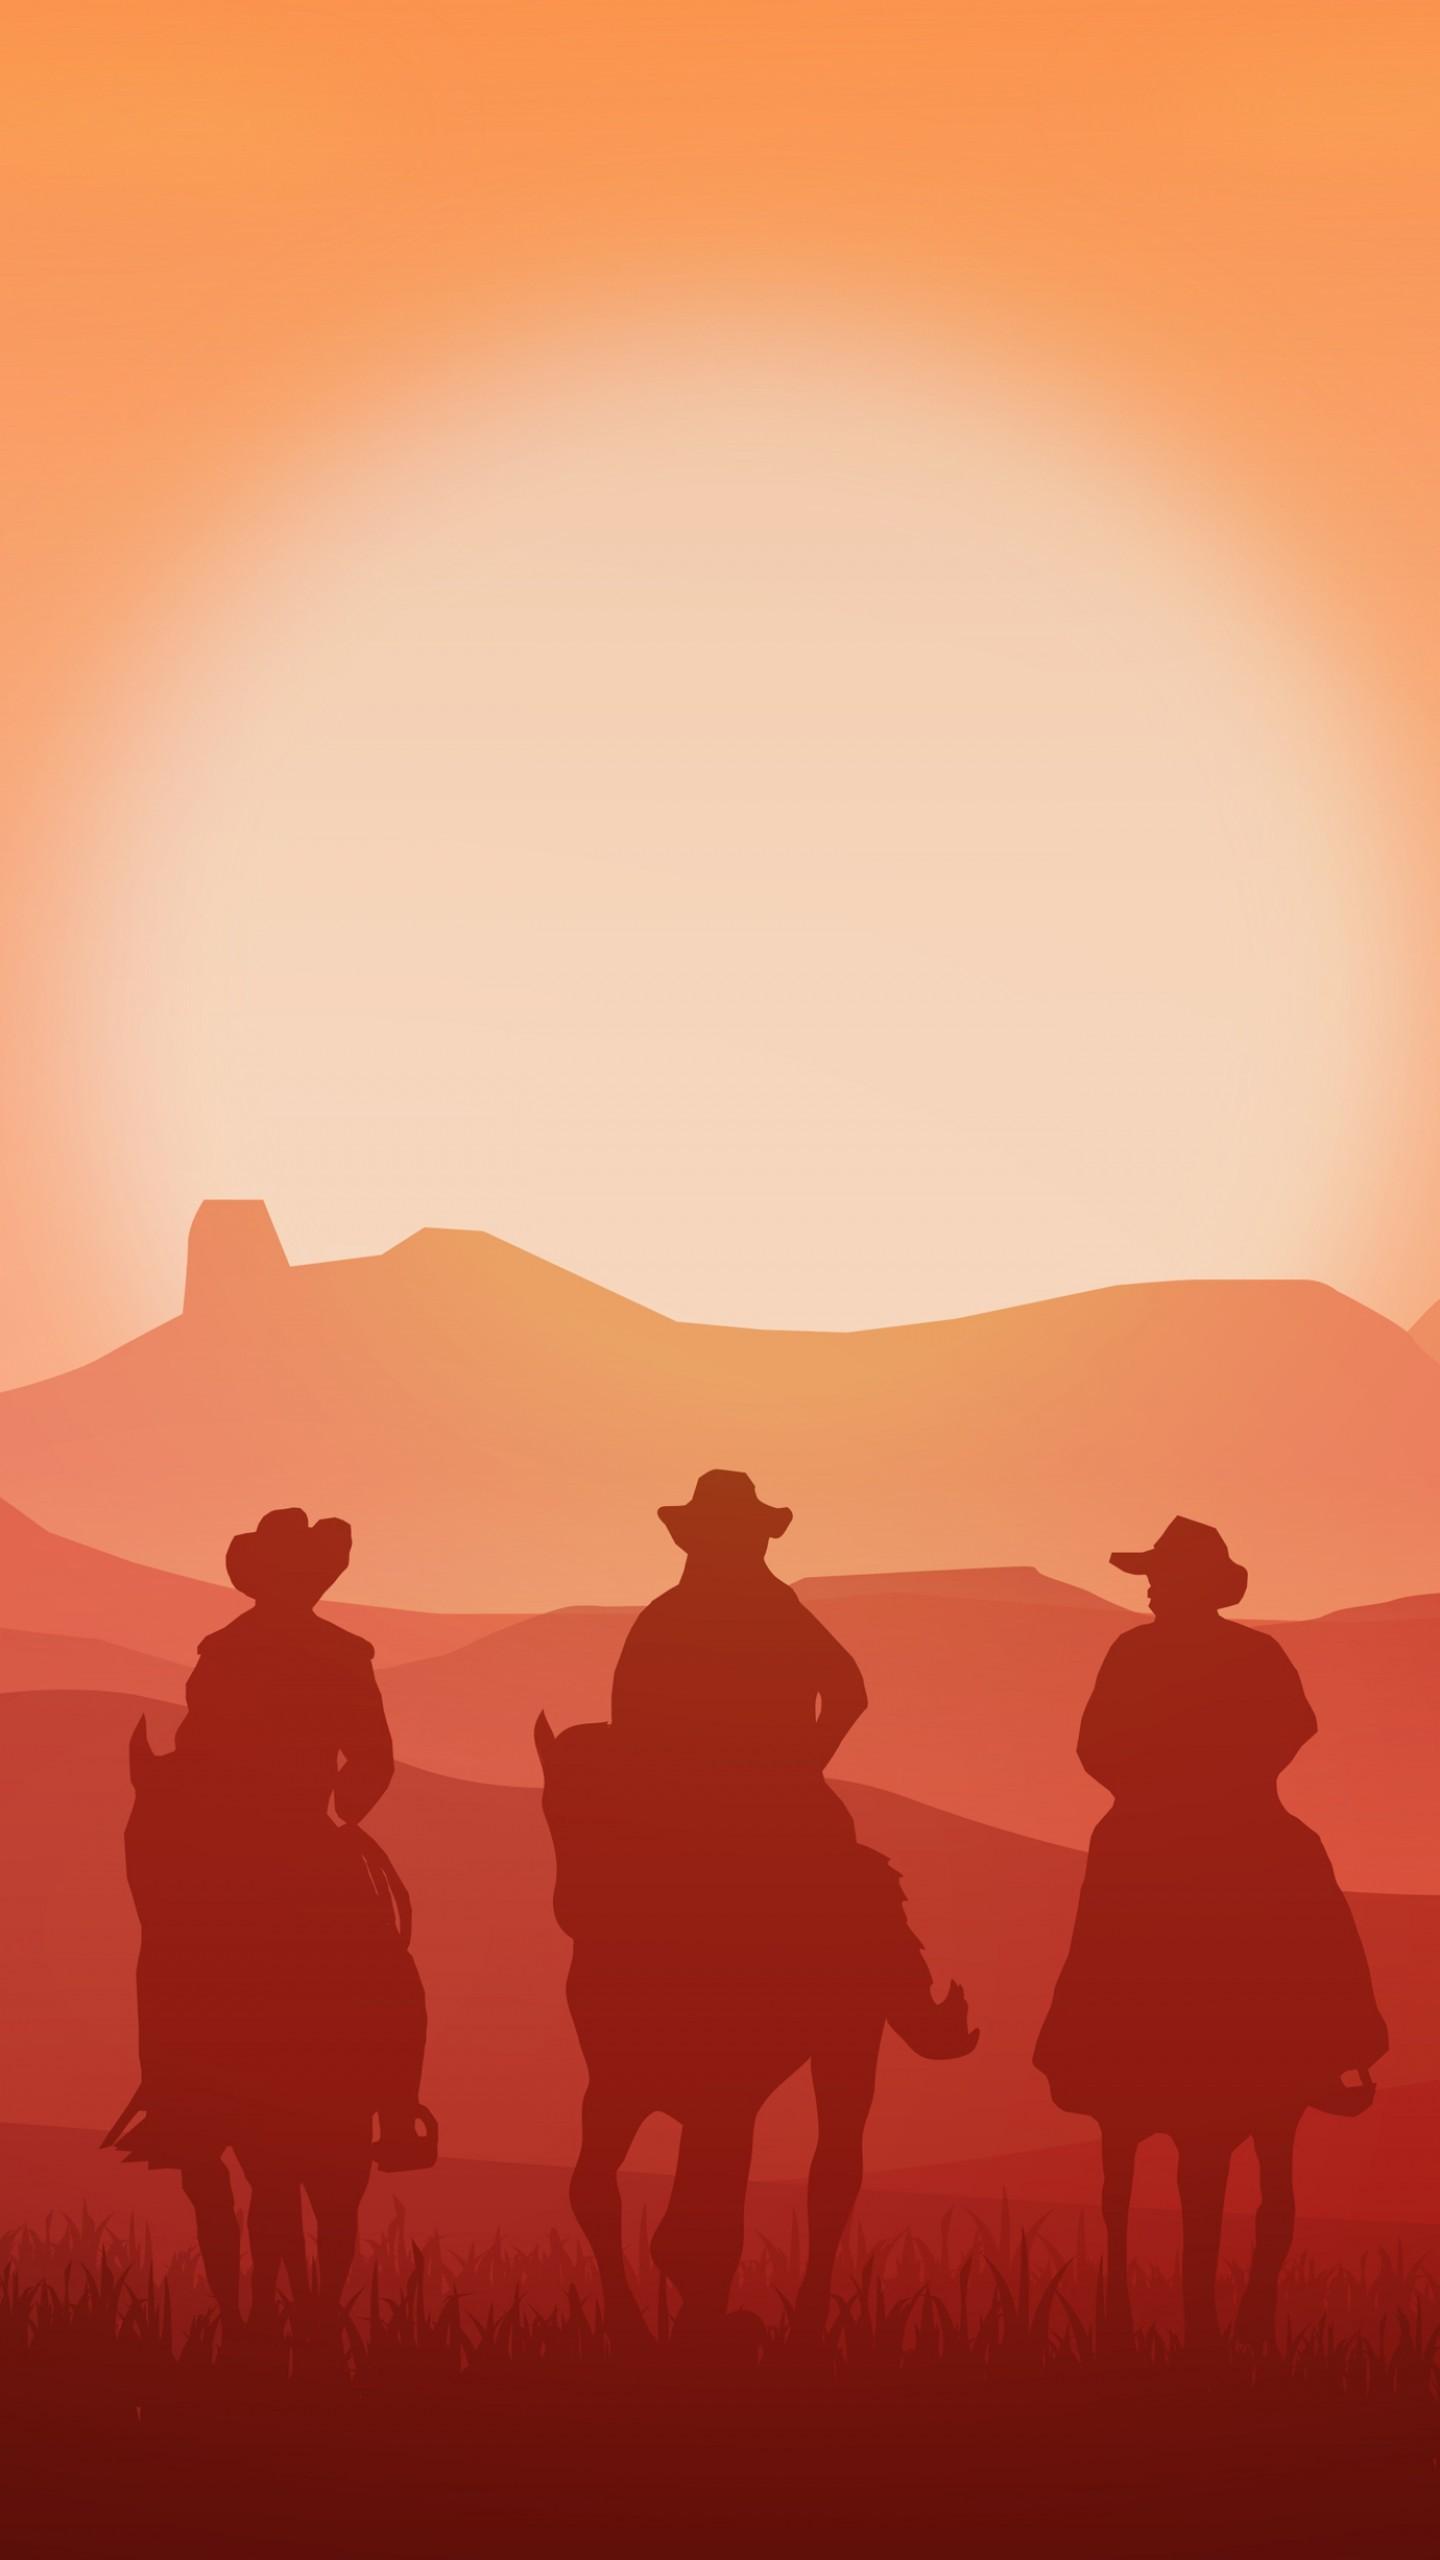 عکس زمینه گاوچران ها سوار بر اسب های وحشی پس زمینه